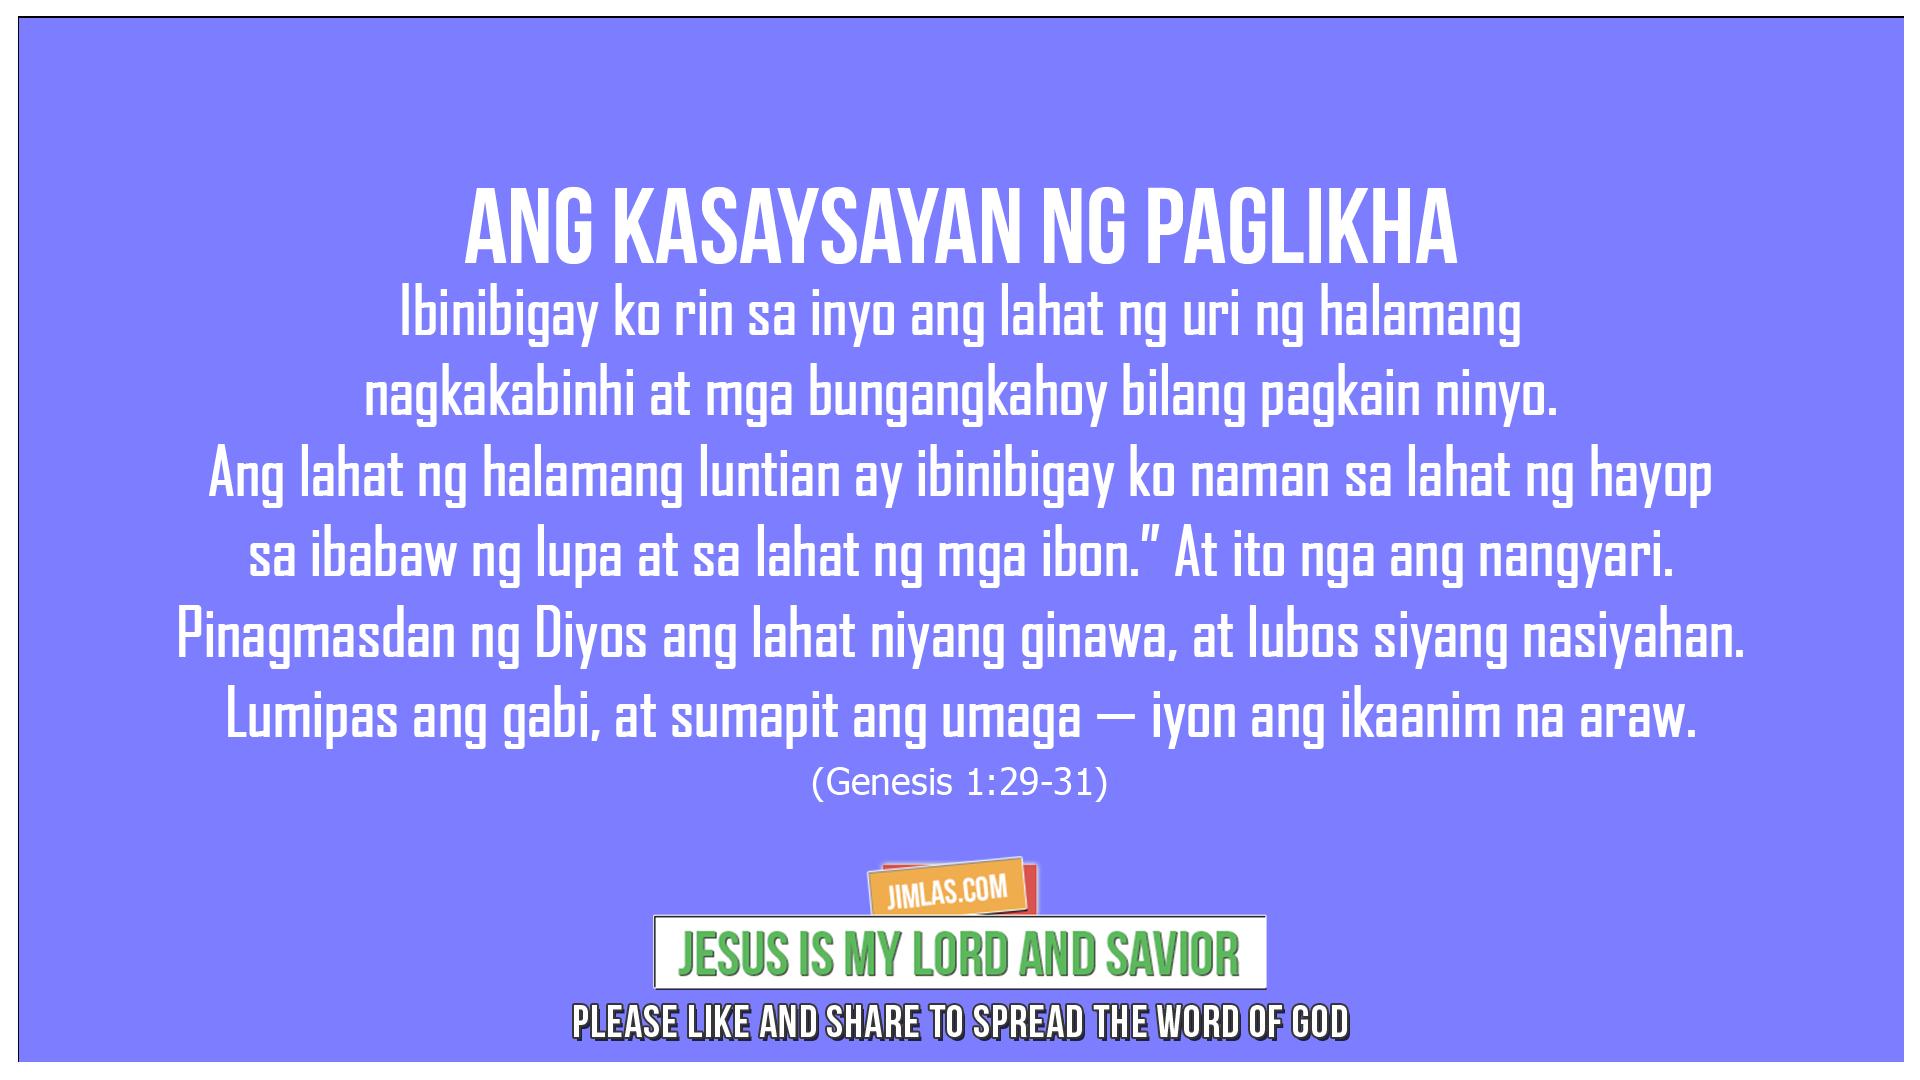 Genesis 1:29-31, Genesis 1:29-31